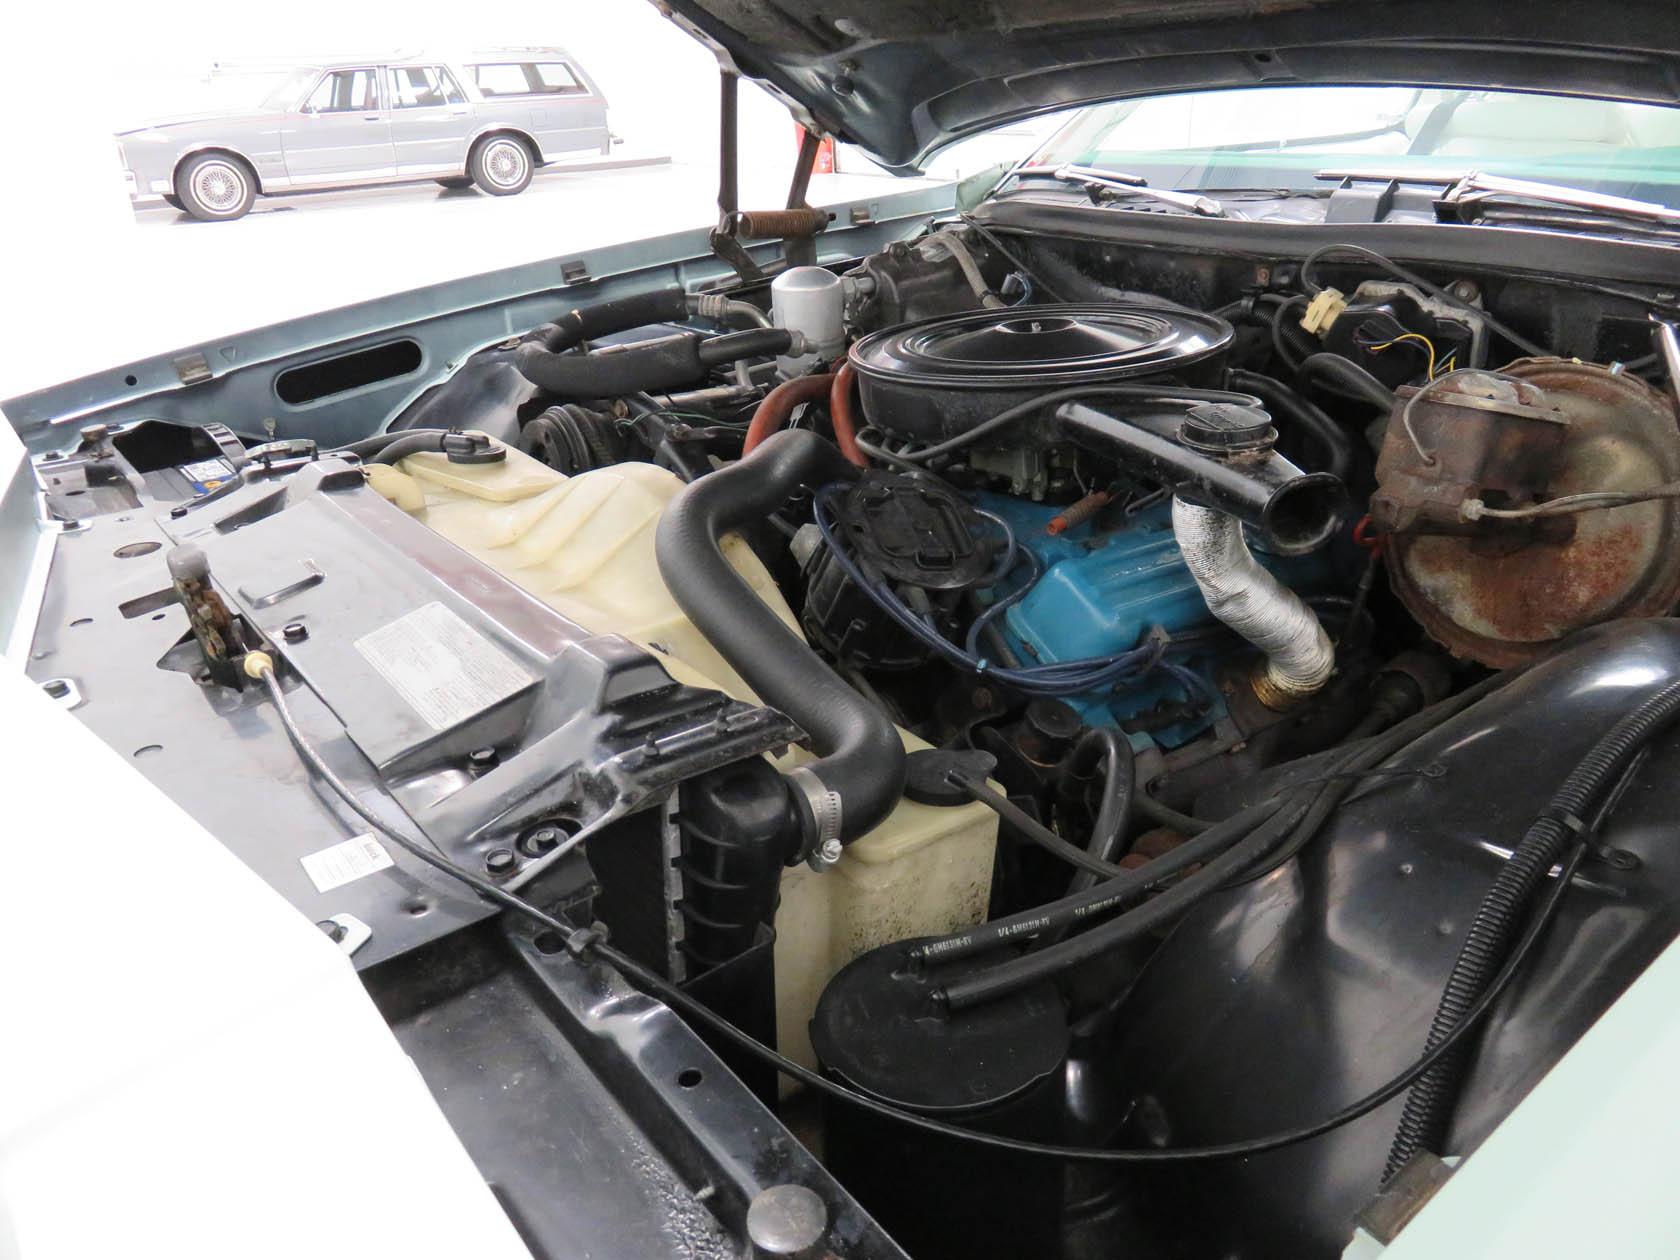 Michael Esposito - 1974 Oldsmobile Cutlasss Supreme 389